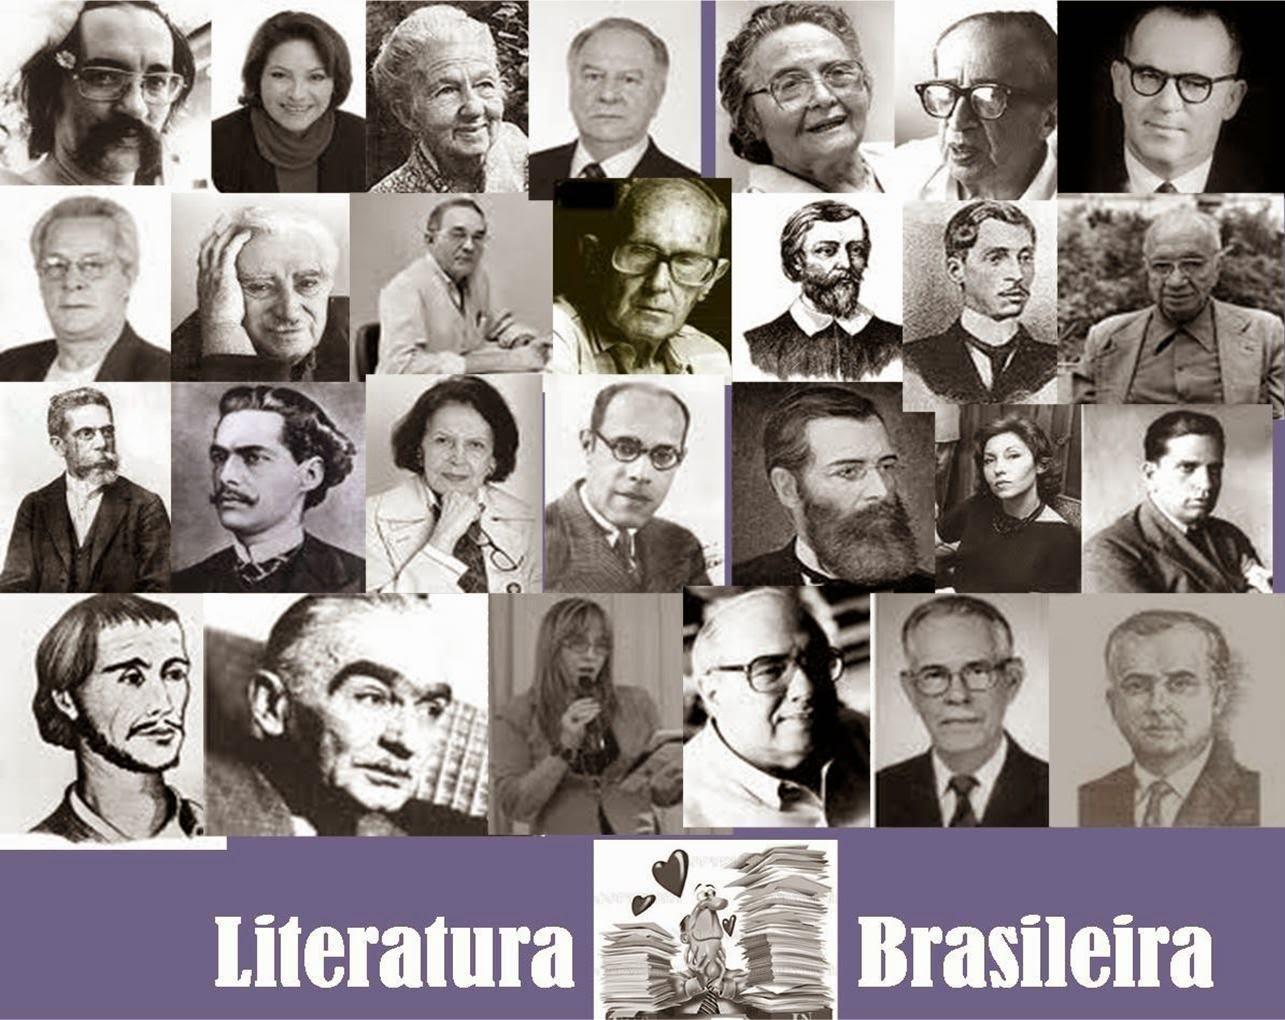 Literatura brasileira - Origem, história e escolas literárias